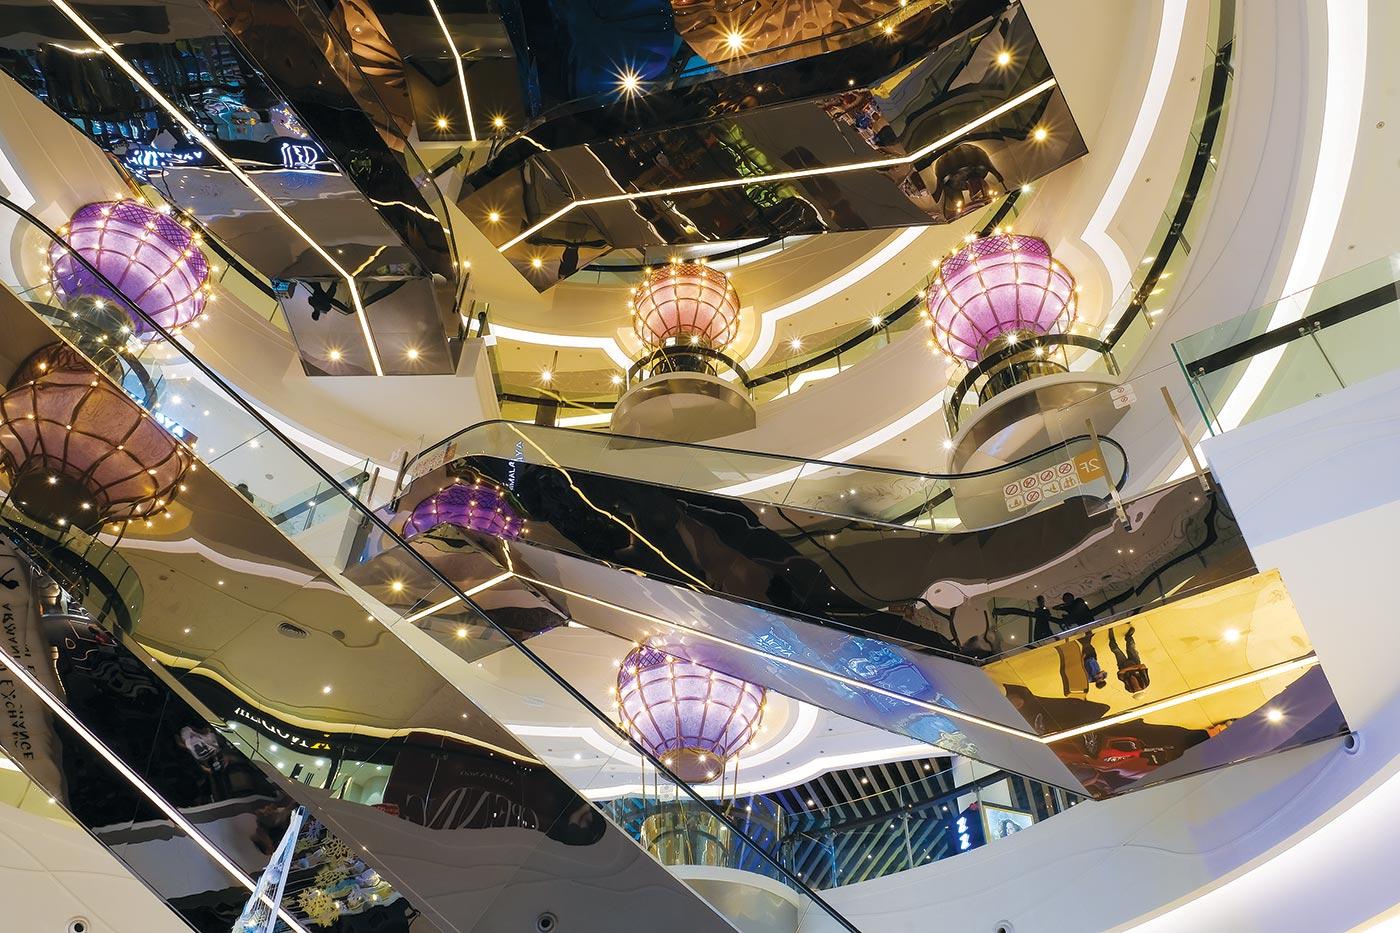 Kiến trúc mới với hệ thống ô kính đón ánh sáng tự nhiên, hình ảnh khinh khí cầu khổng lồ mang lại vẻ đẹp khác biệt cho Crescent Mall